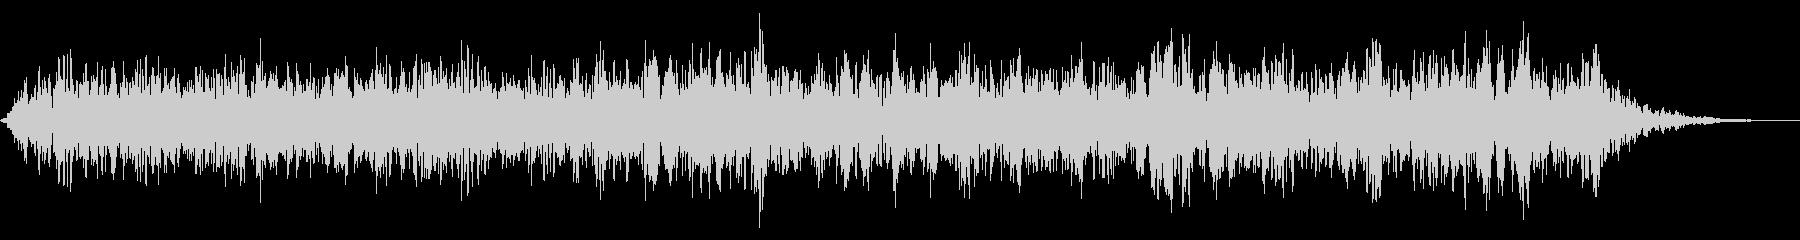 鳴き声のALLの未再生の波形